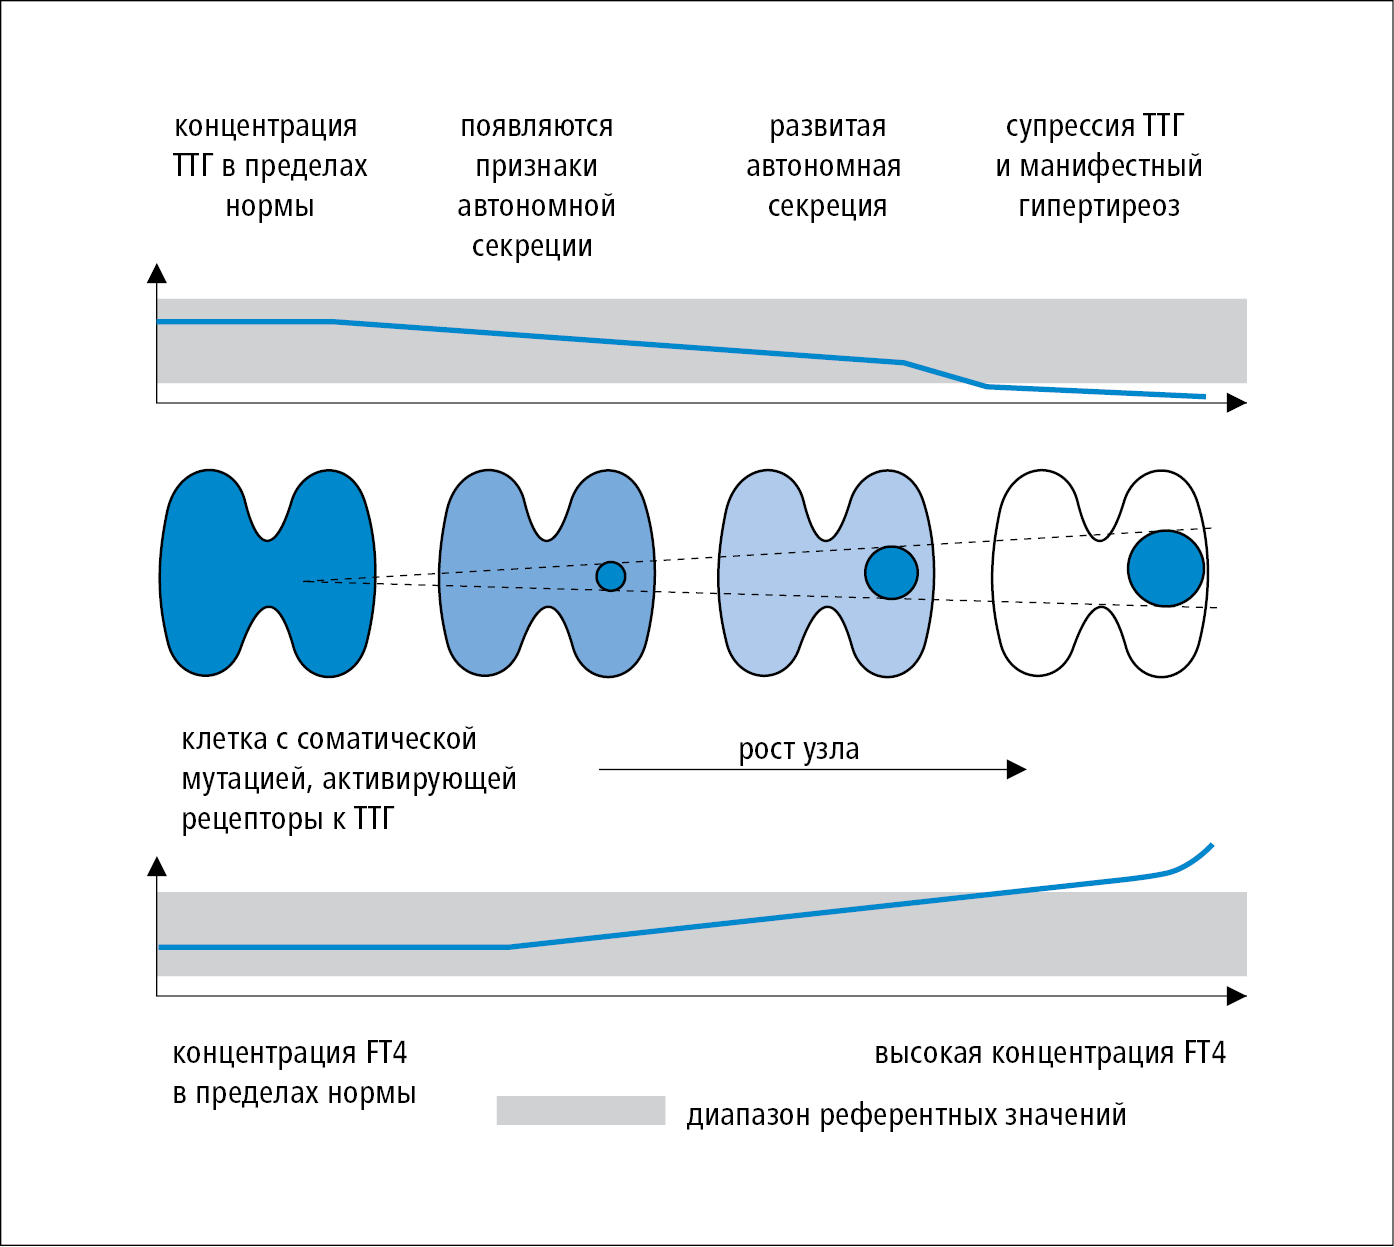 Динамика развития автономного узла щитовидной железы